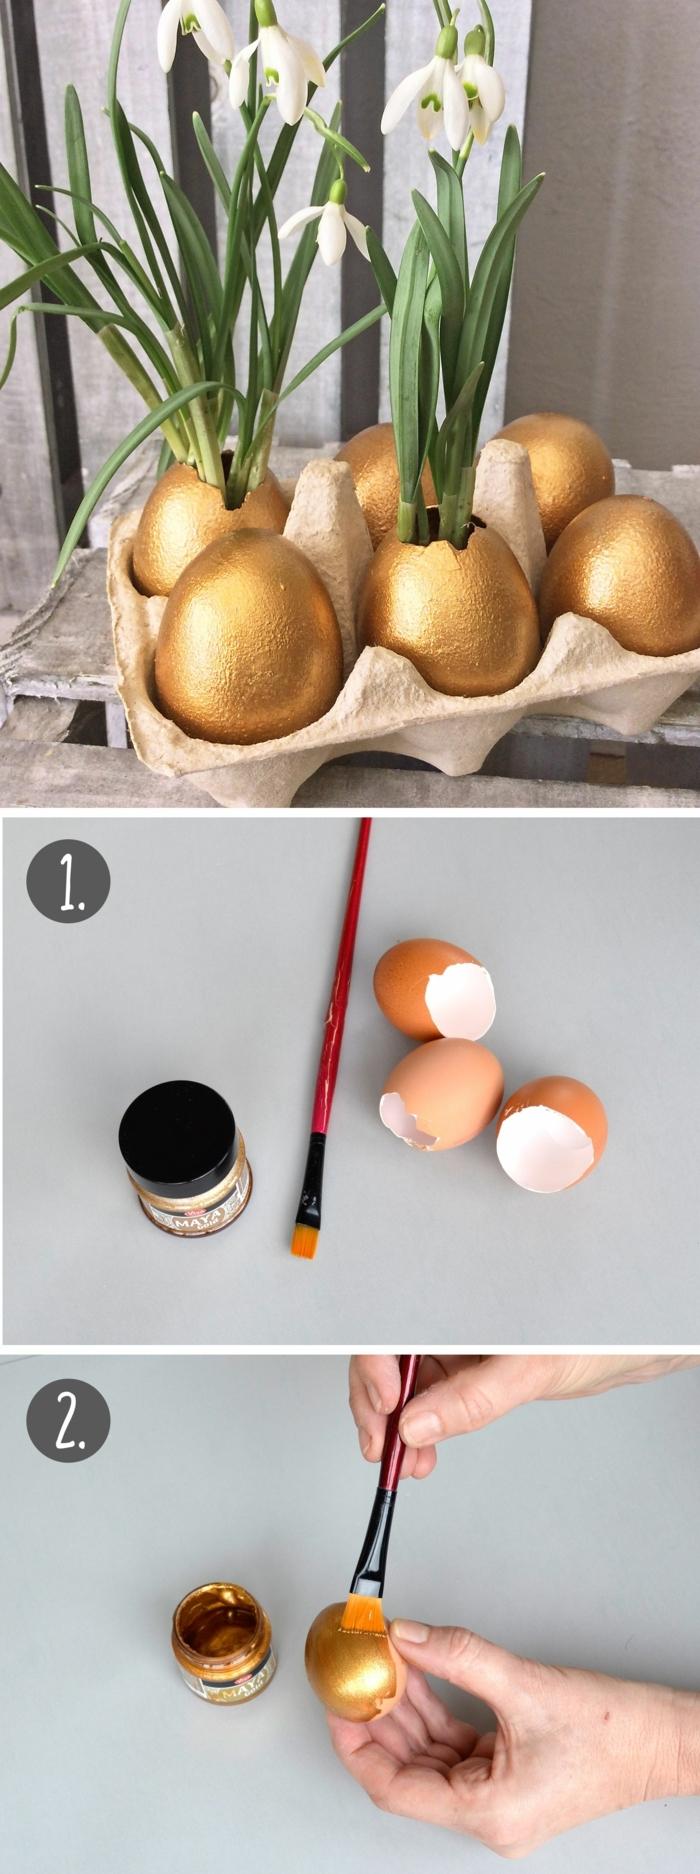 DIY Schritt für Schritt Anleitung, Eierschalen bemalen in goldener Farbe zu Blumentöpfe mit Schneeglöckchen, Osterdeko basteln aus Naturmaterialien